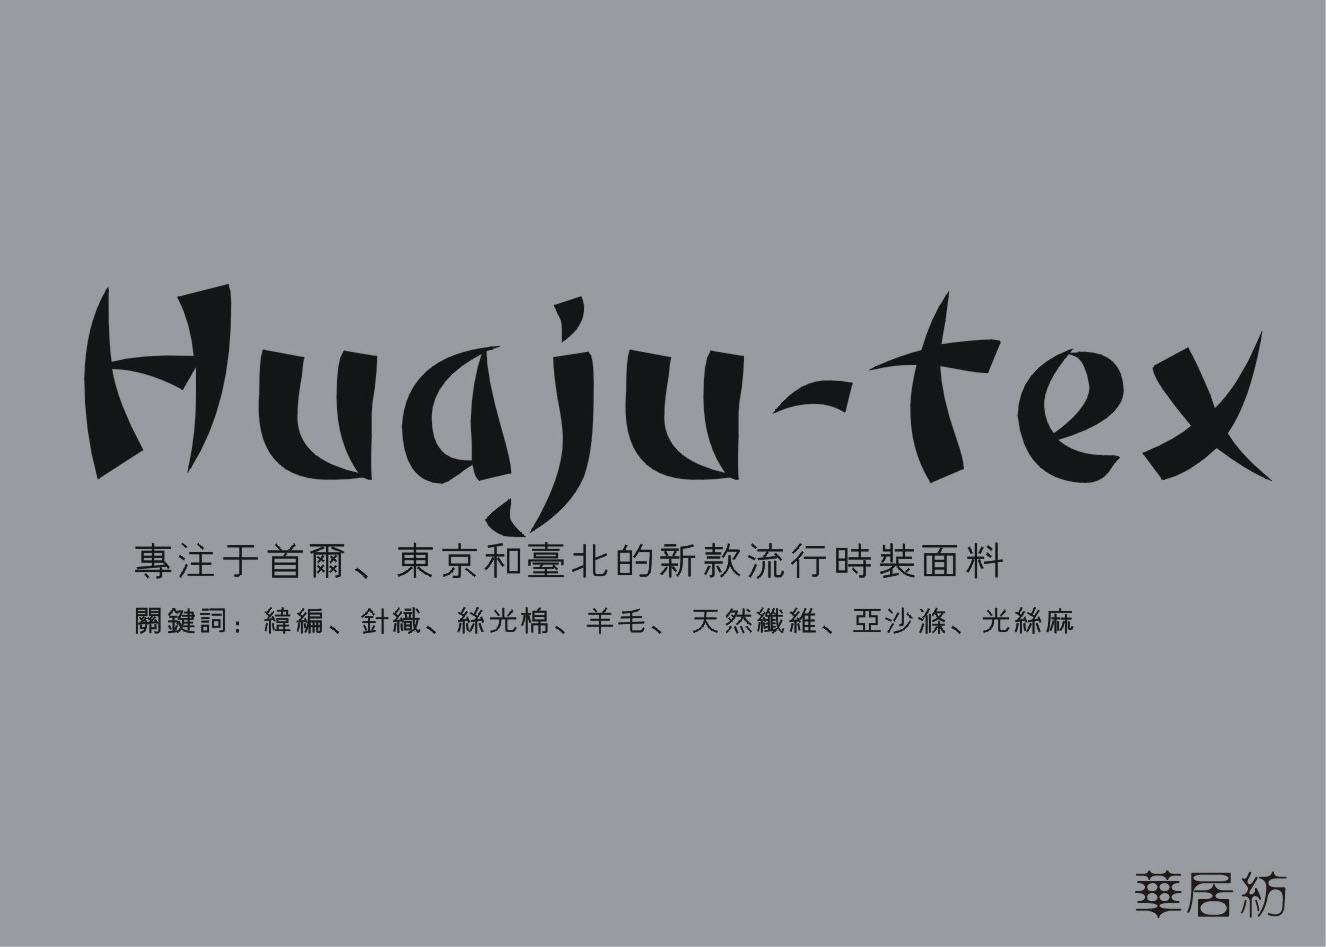 深圳市华居纺服装面料有限公司企业档案